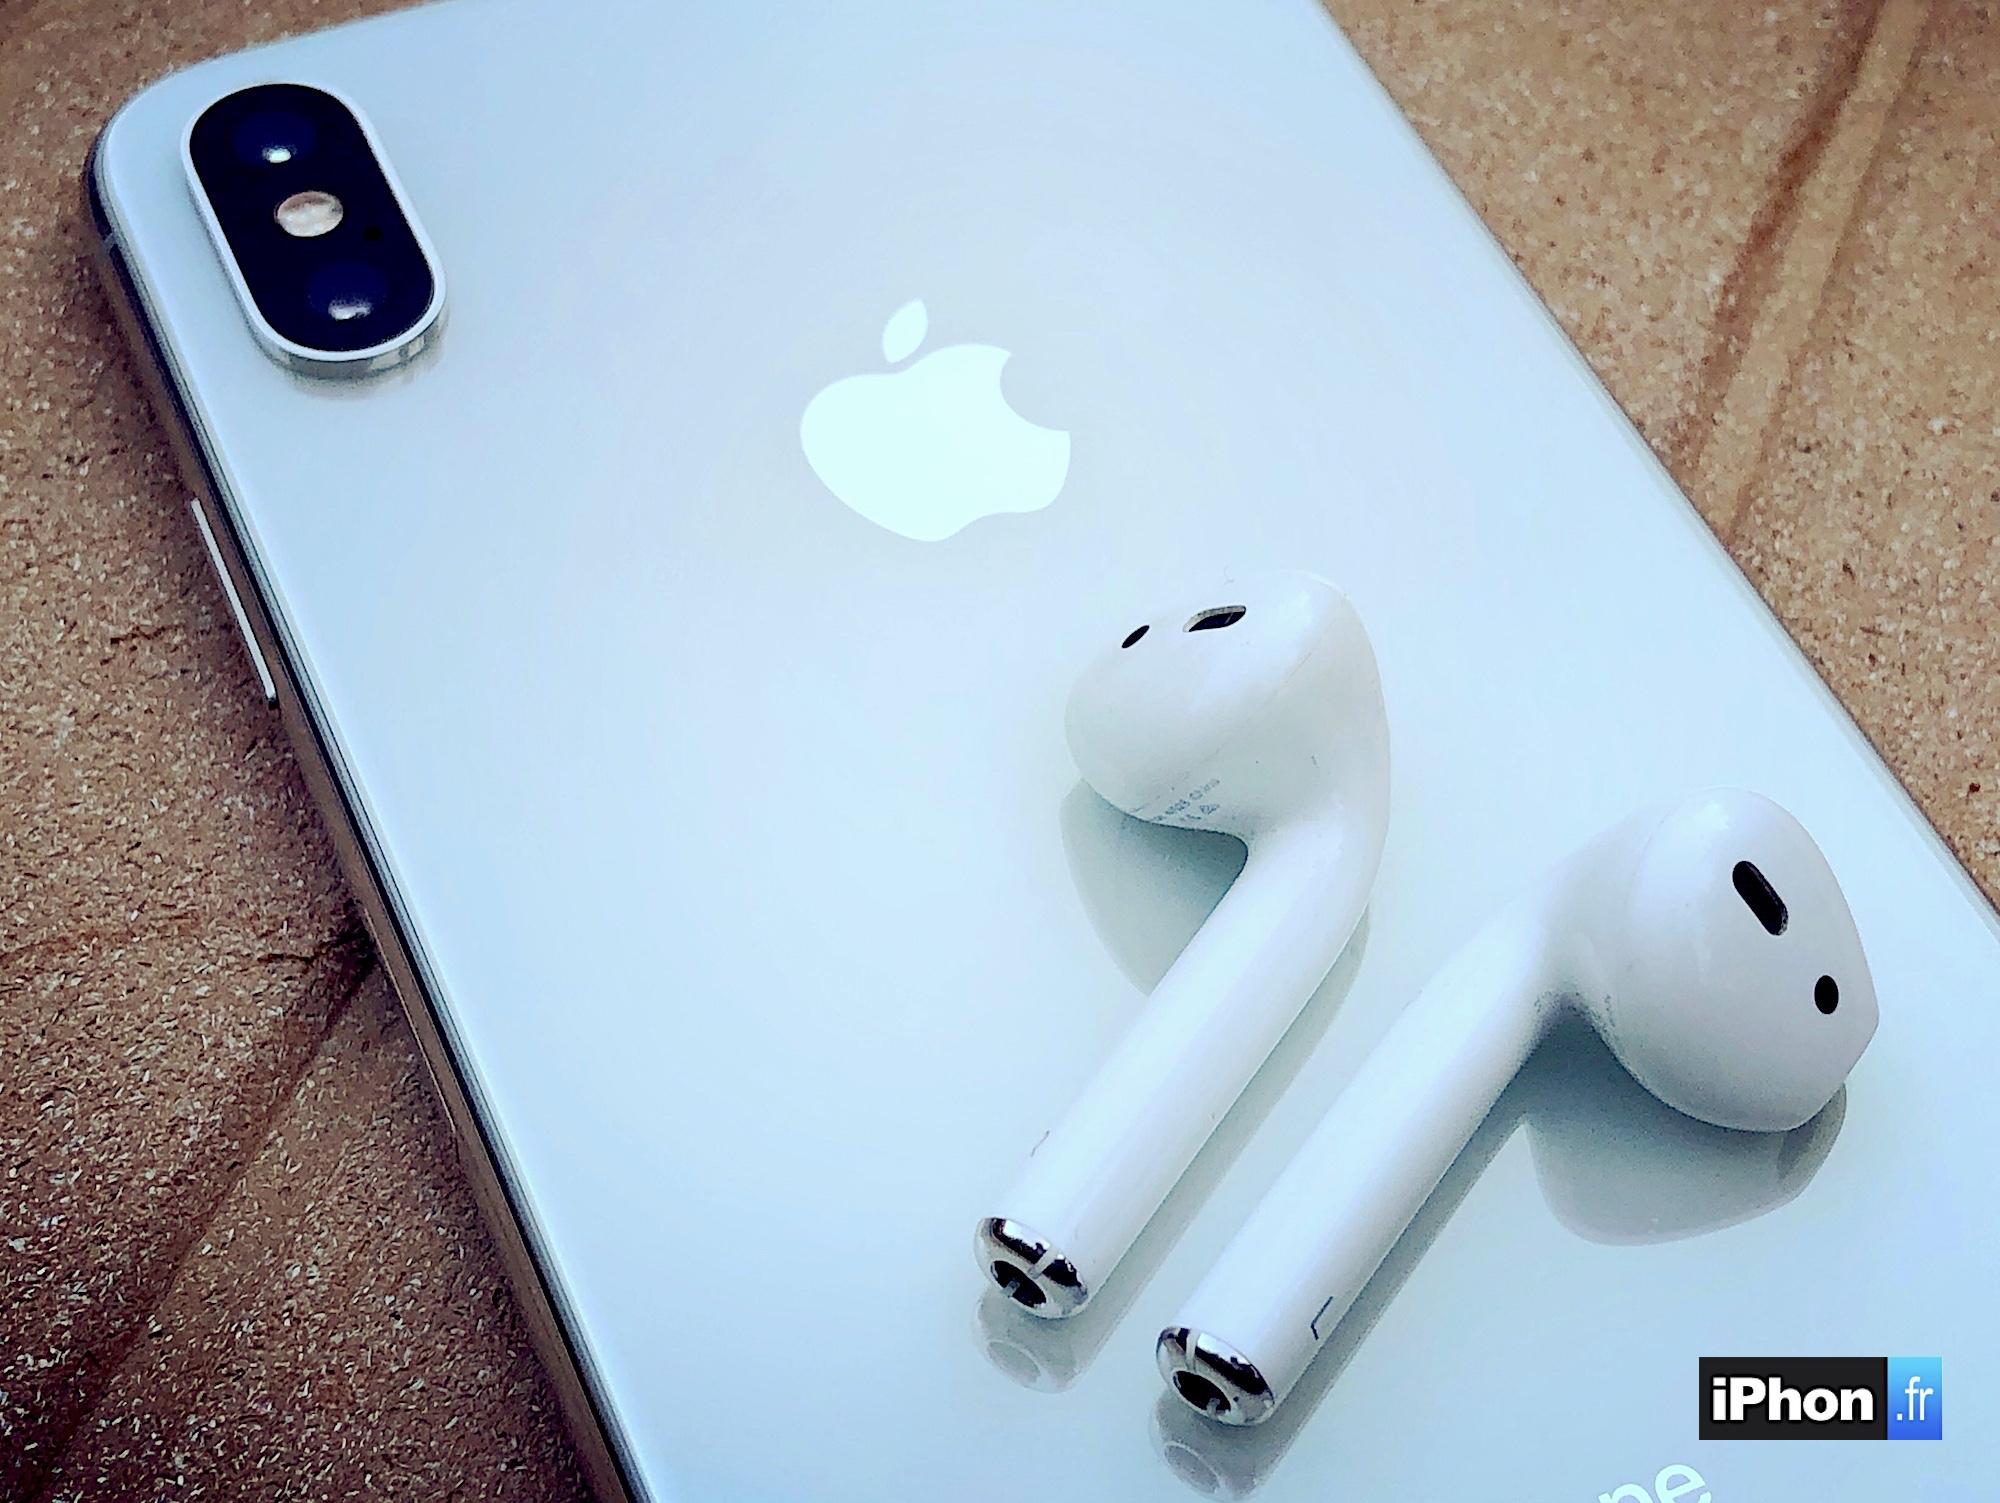 Avec iOS 12, les AirPods peuvent servir d'aide auditive : les détails en vidéo (MàJ) 1